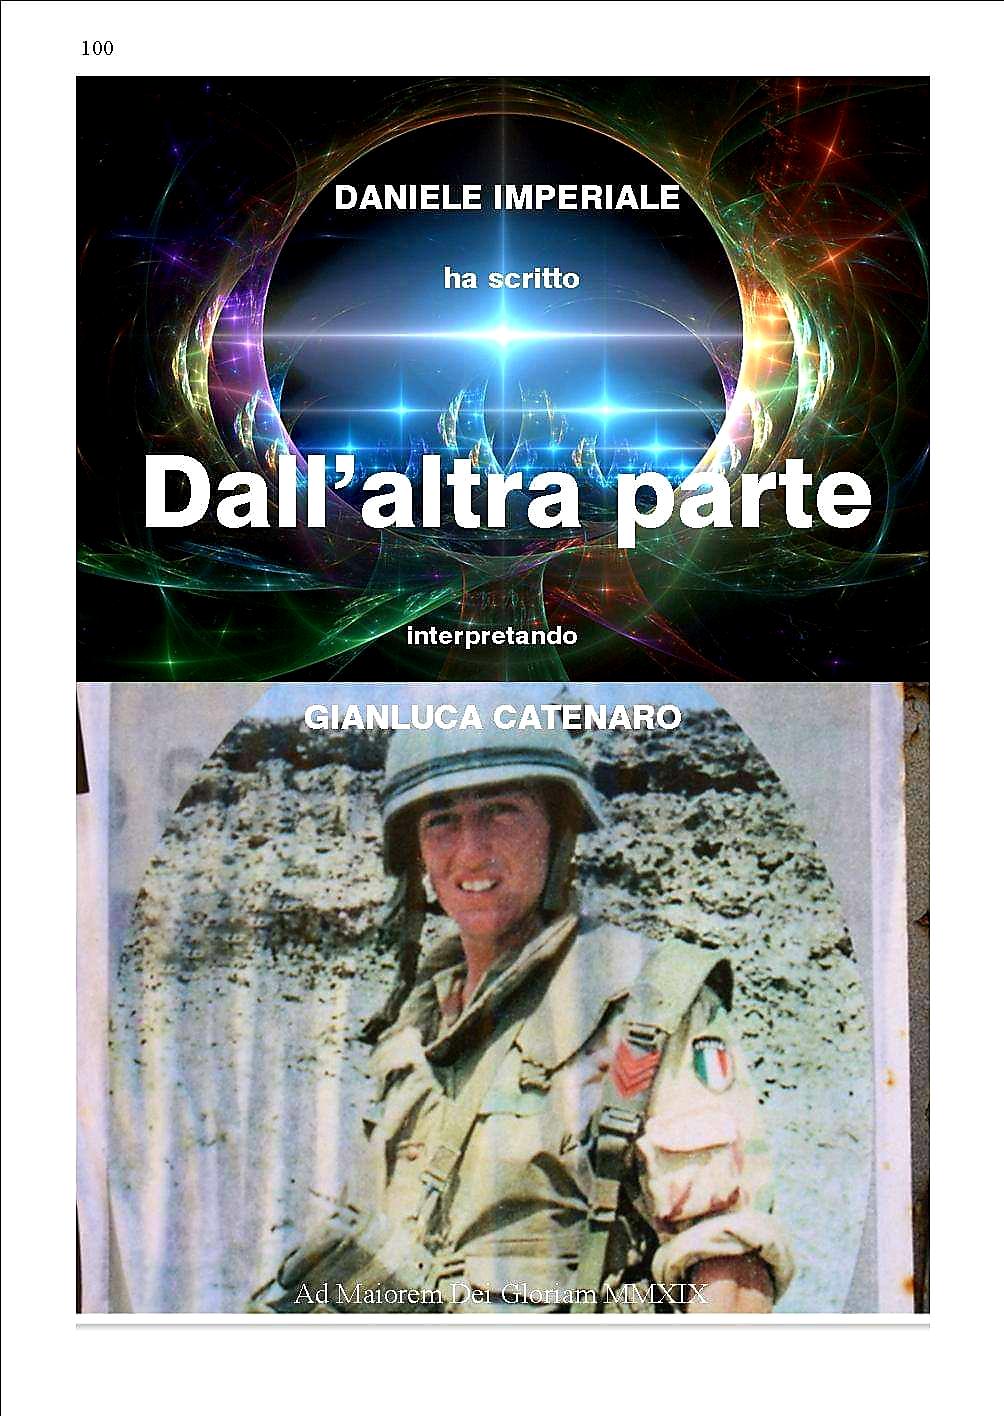 """Ultimato il libro """"Dall'altra parte"""", in cui l'autore Daniele Imperiale interpreta la vita del C.m. Gianluca Catenaro"""